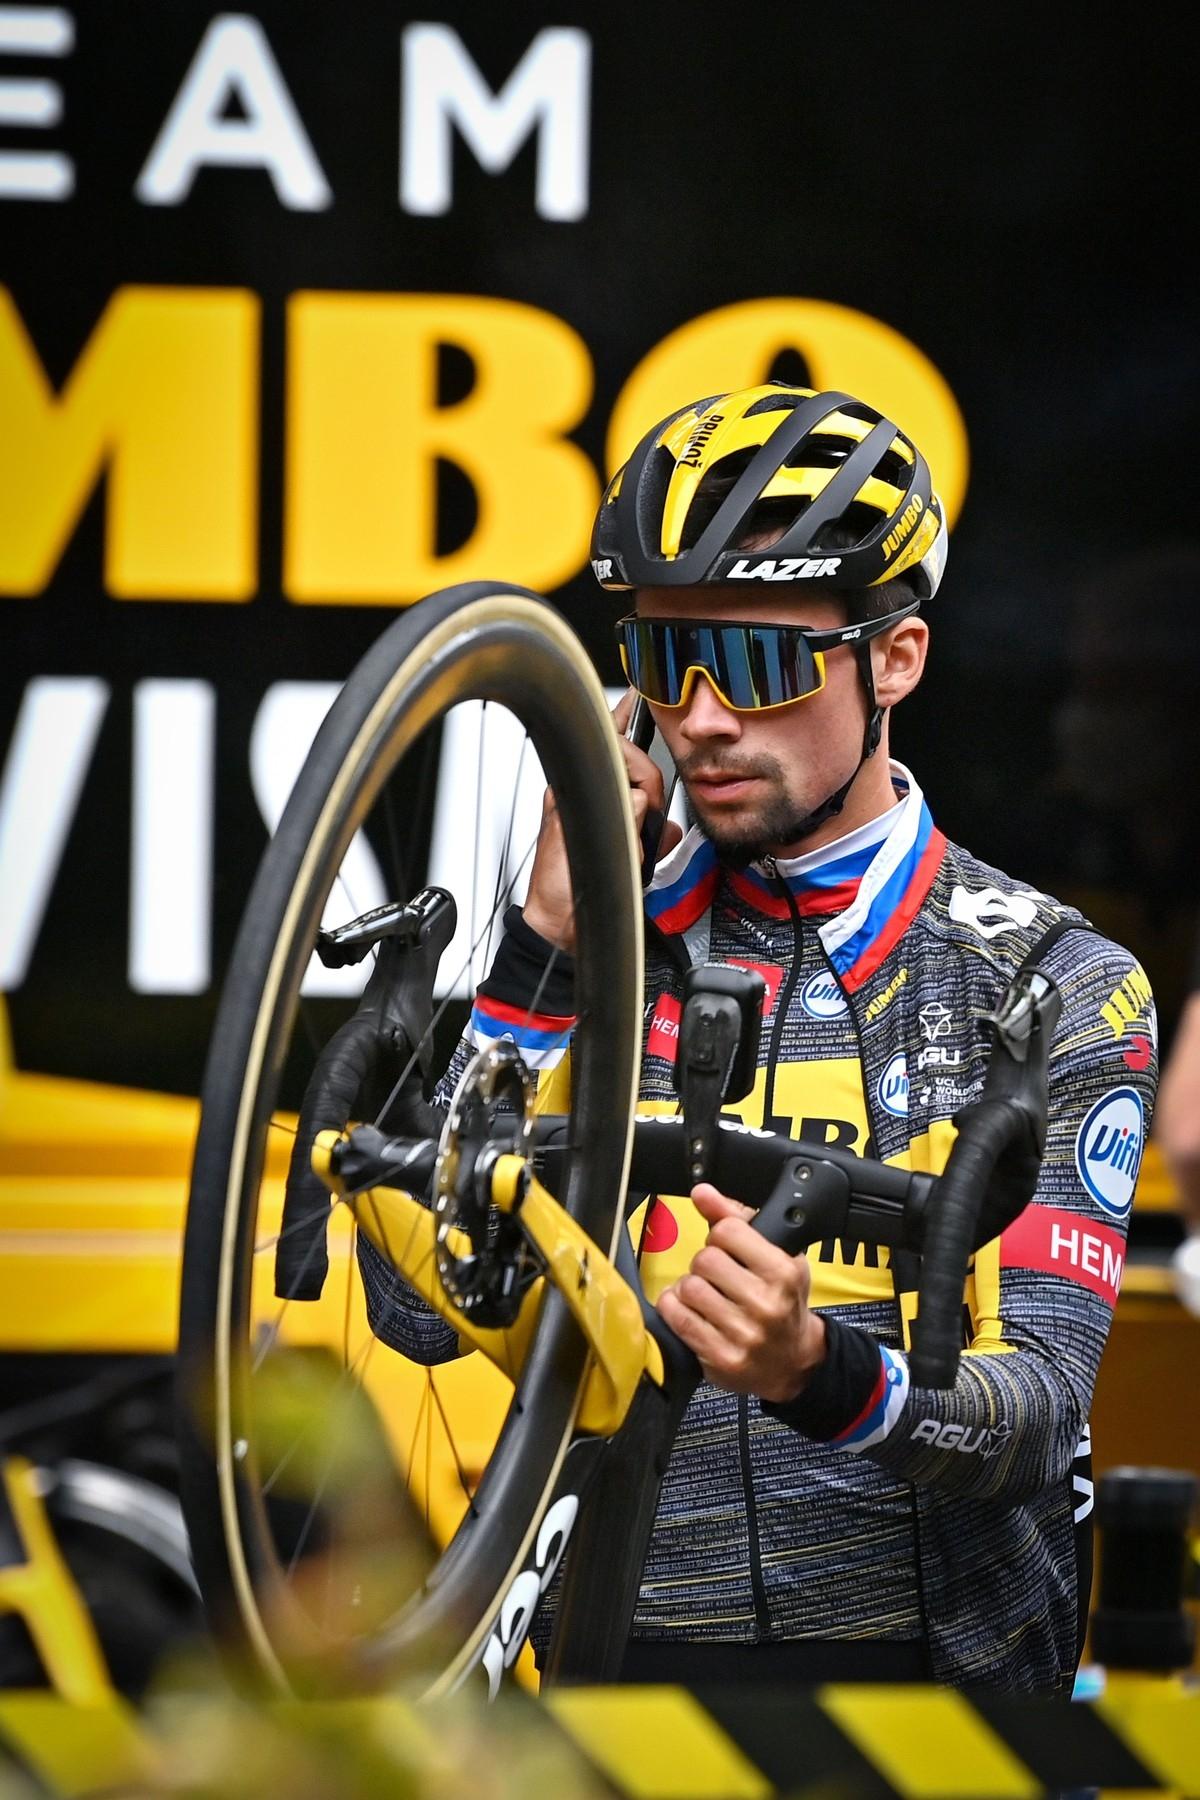 Primož Roglič nově použije na Tour de France kolo s kotoučovými brzdami. Foto: profimedia 2x